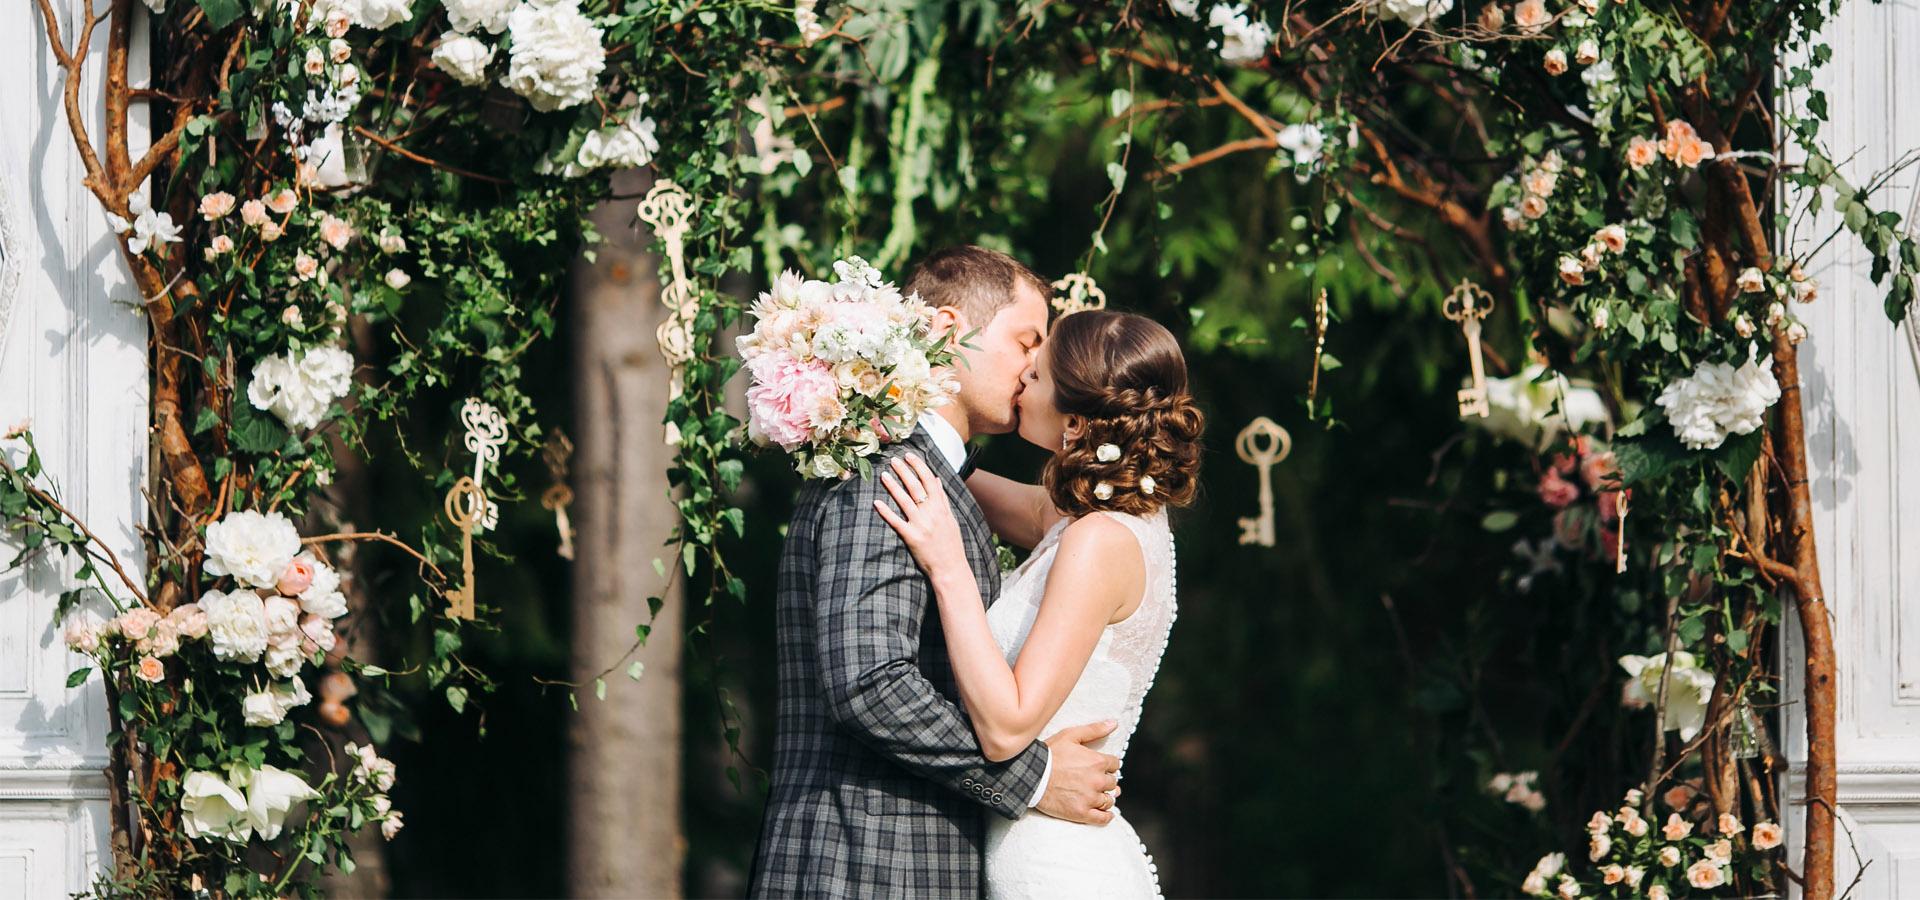 """Свадьба в стилистике """"сад"""" - лучшее решение для свадьбы весной"""